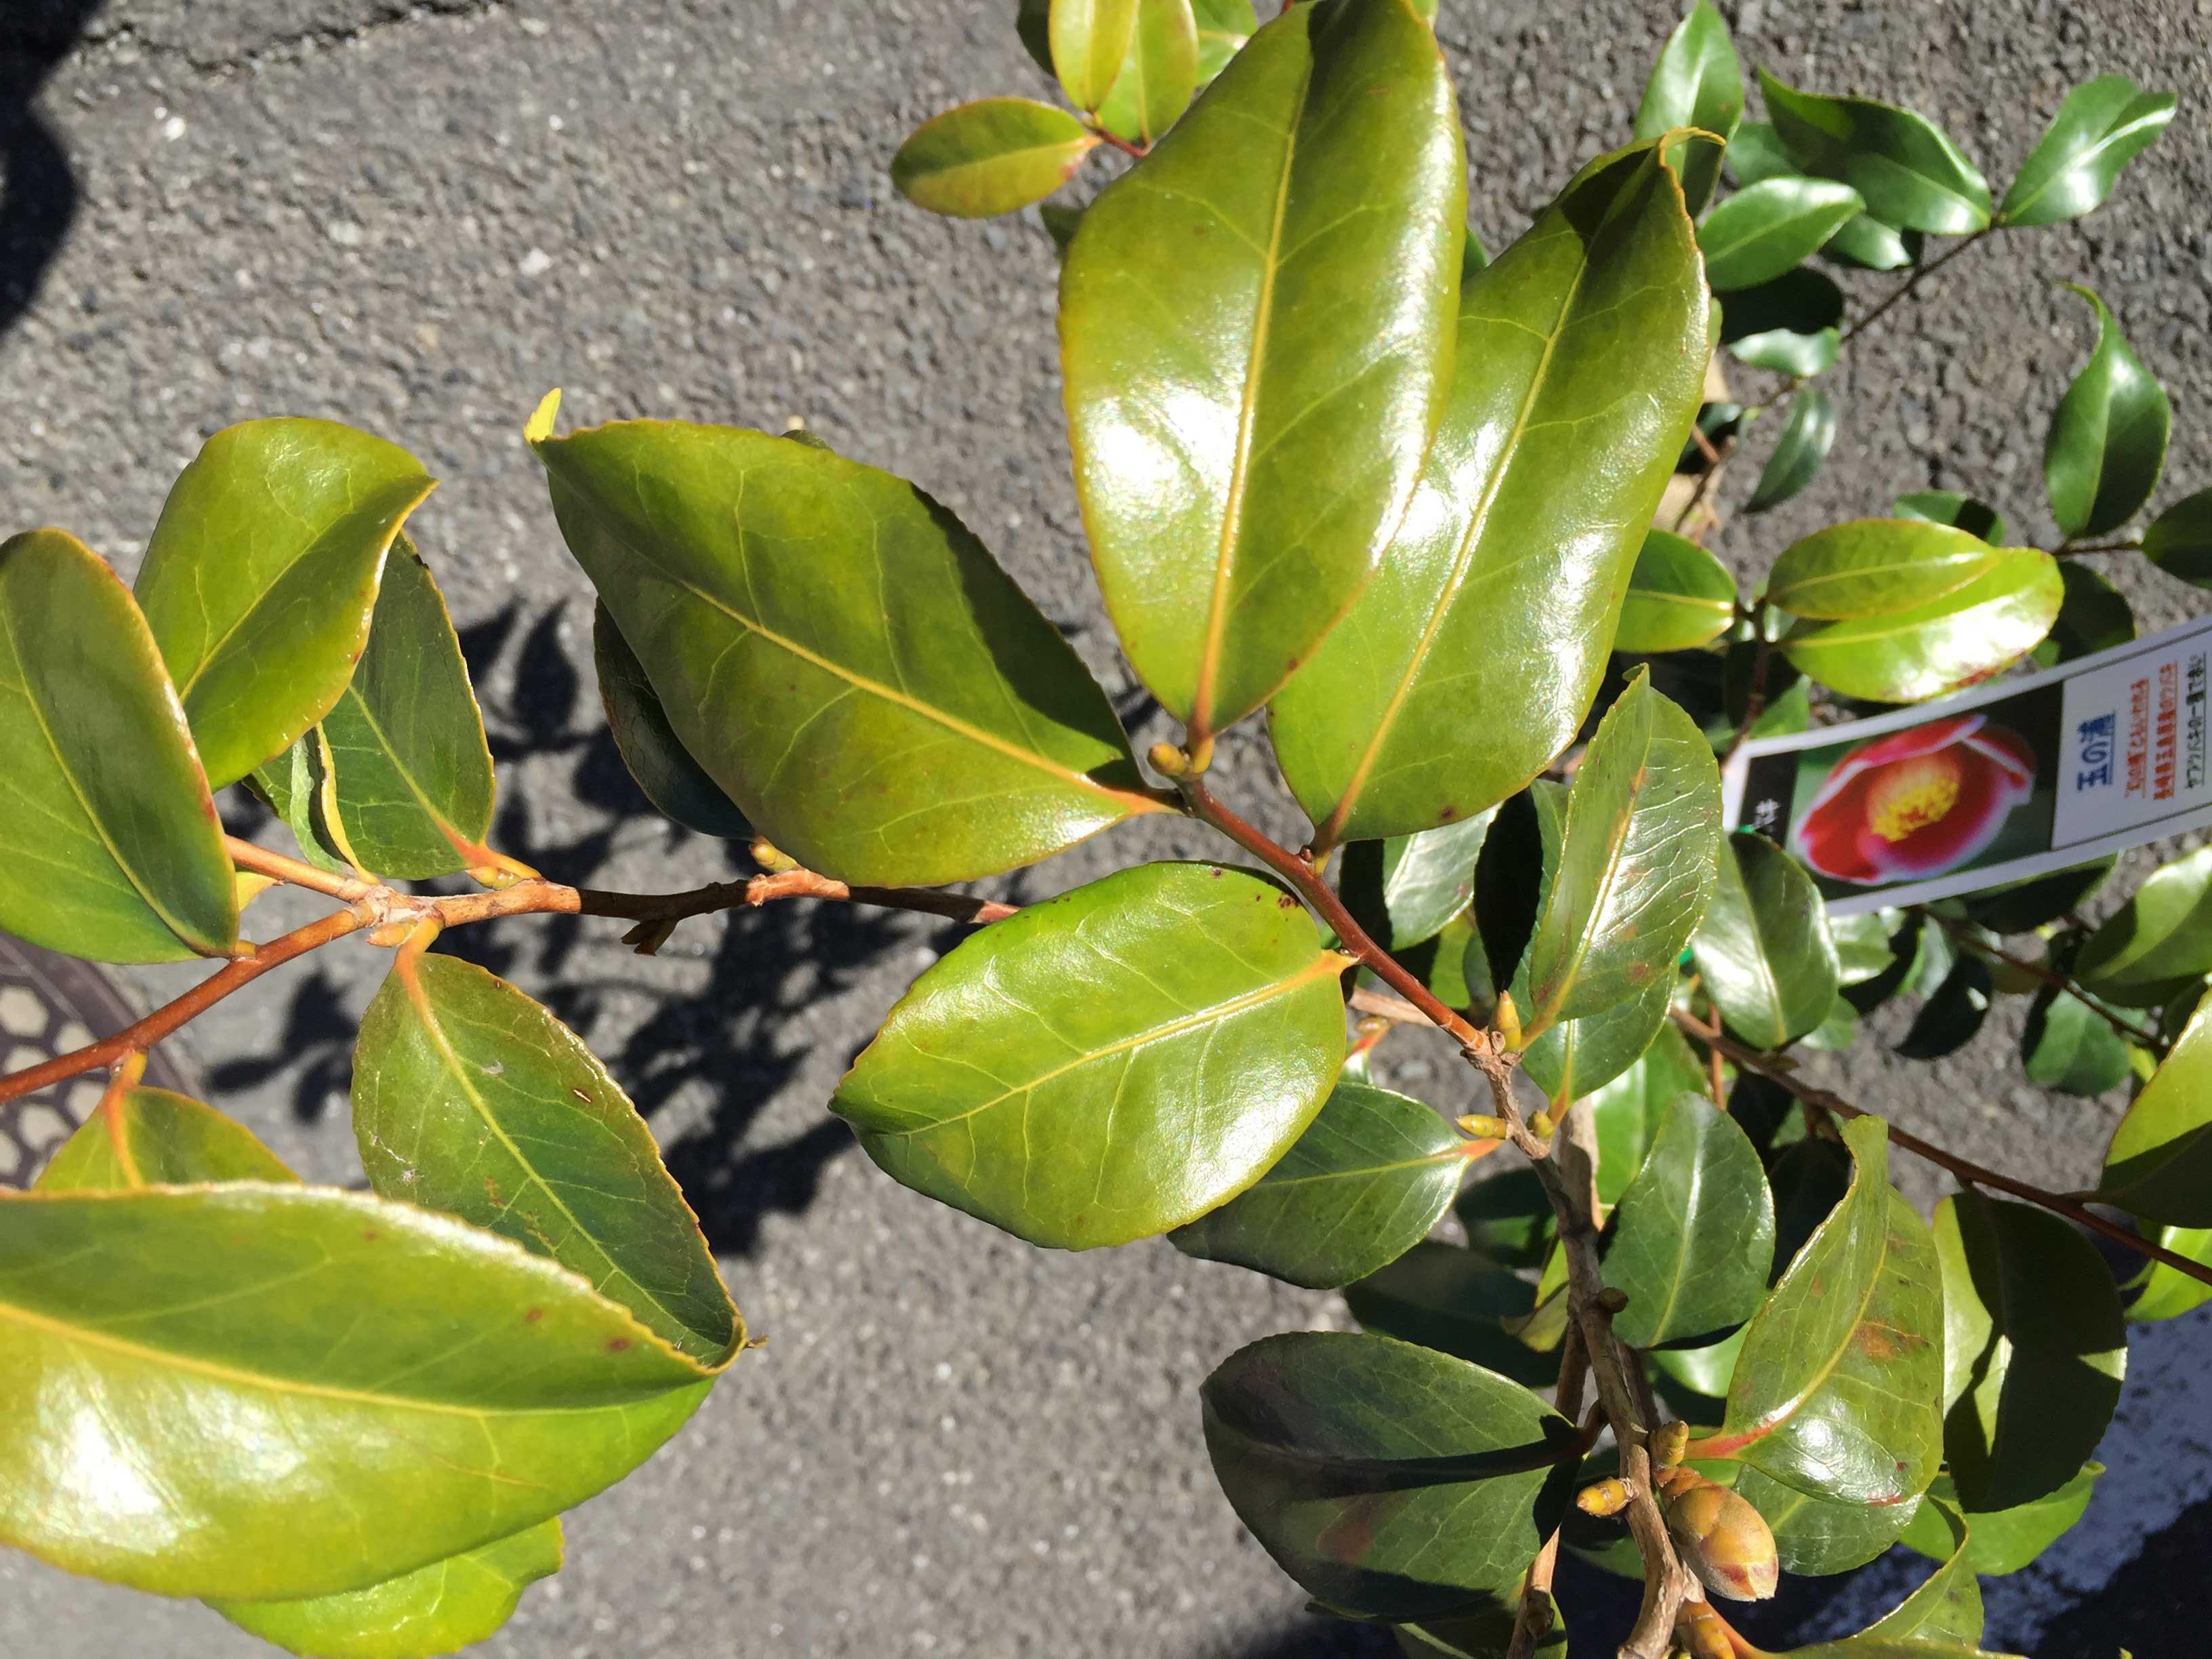 ヤブツバキ「玉之浦」の葉っぱ